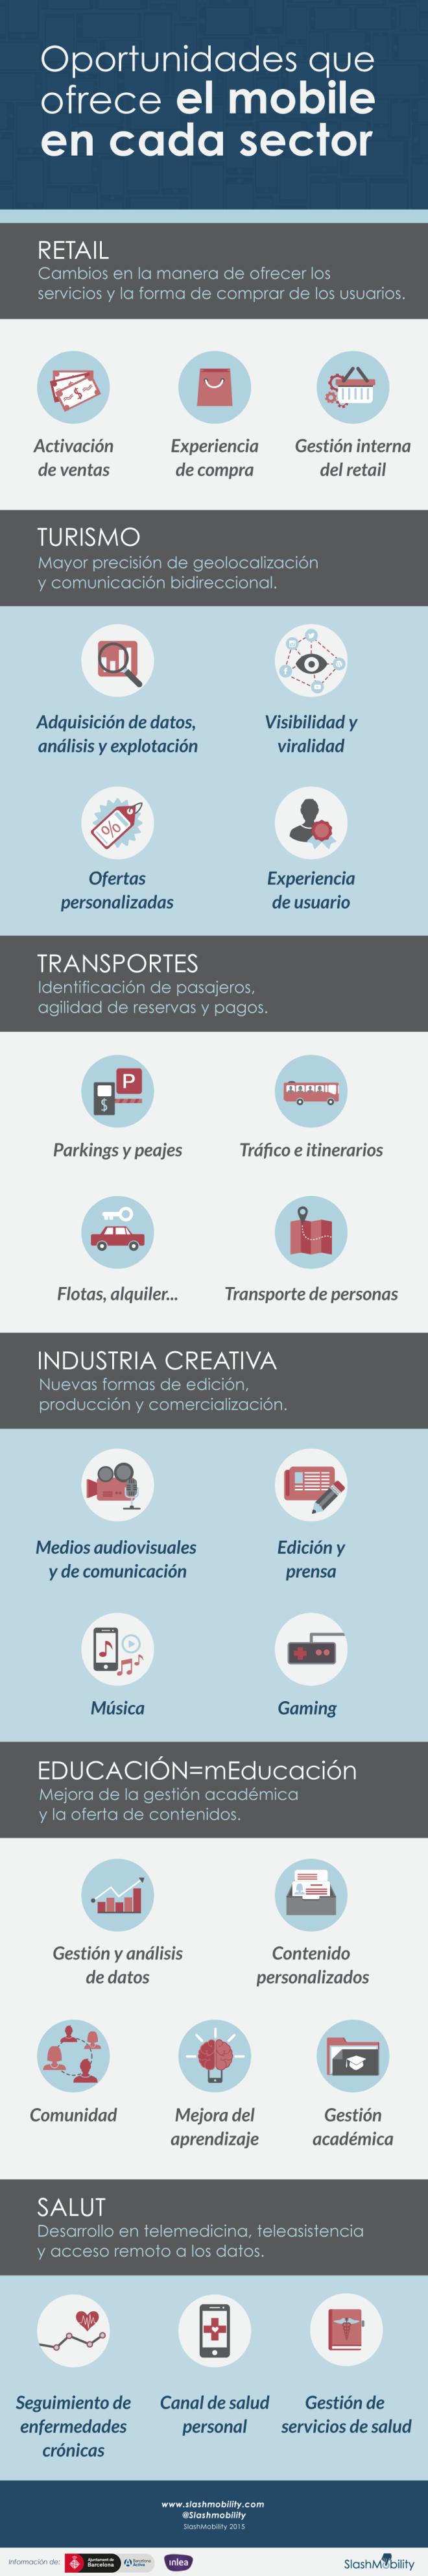 Oportunidades del móvil en diferentes sectores